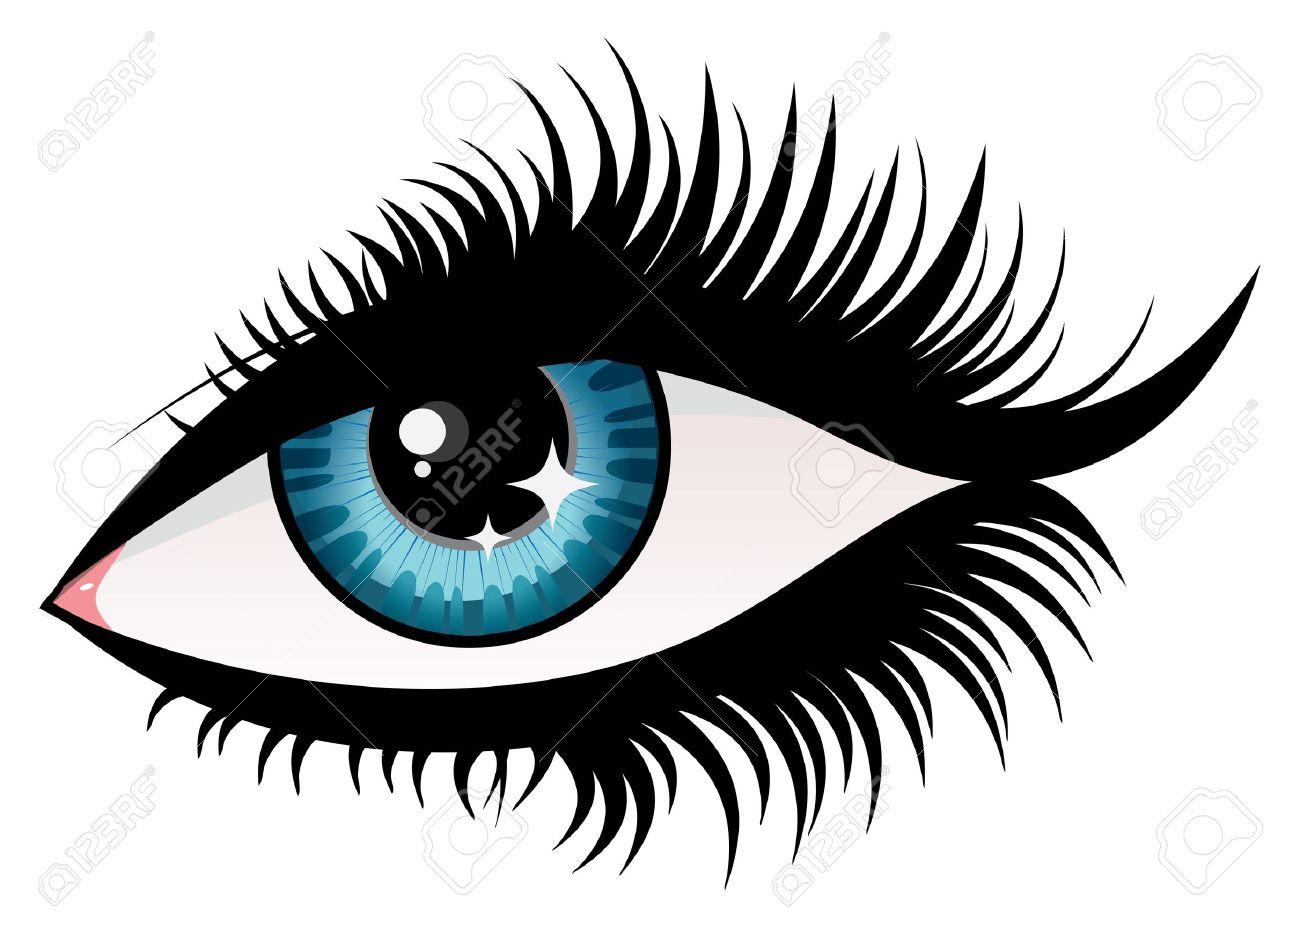 Illustration Of Woman Eye With Long Eyelashes. Royalty Free ...